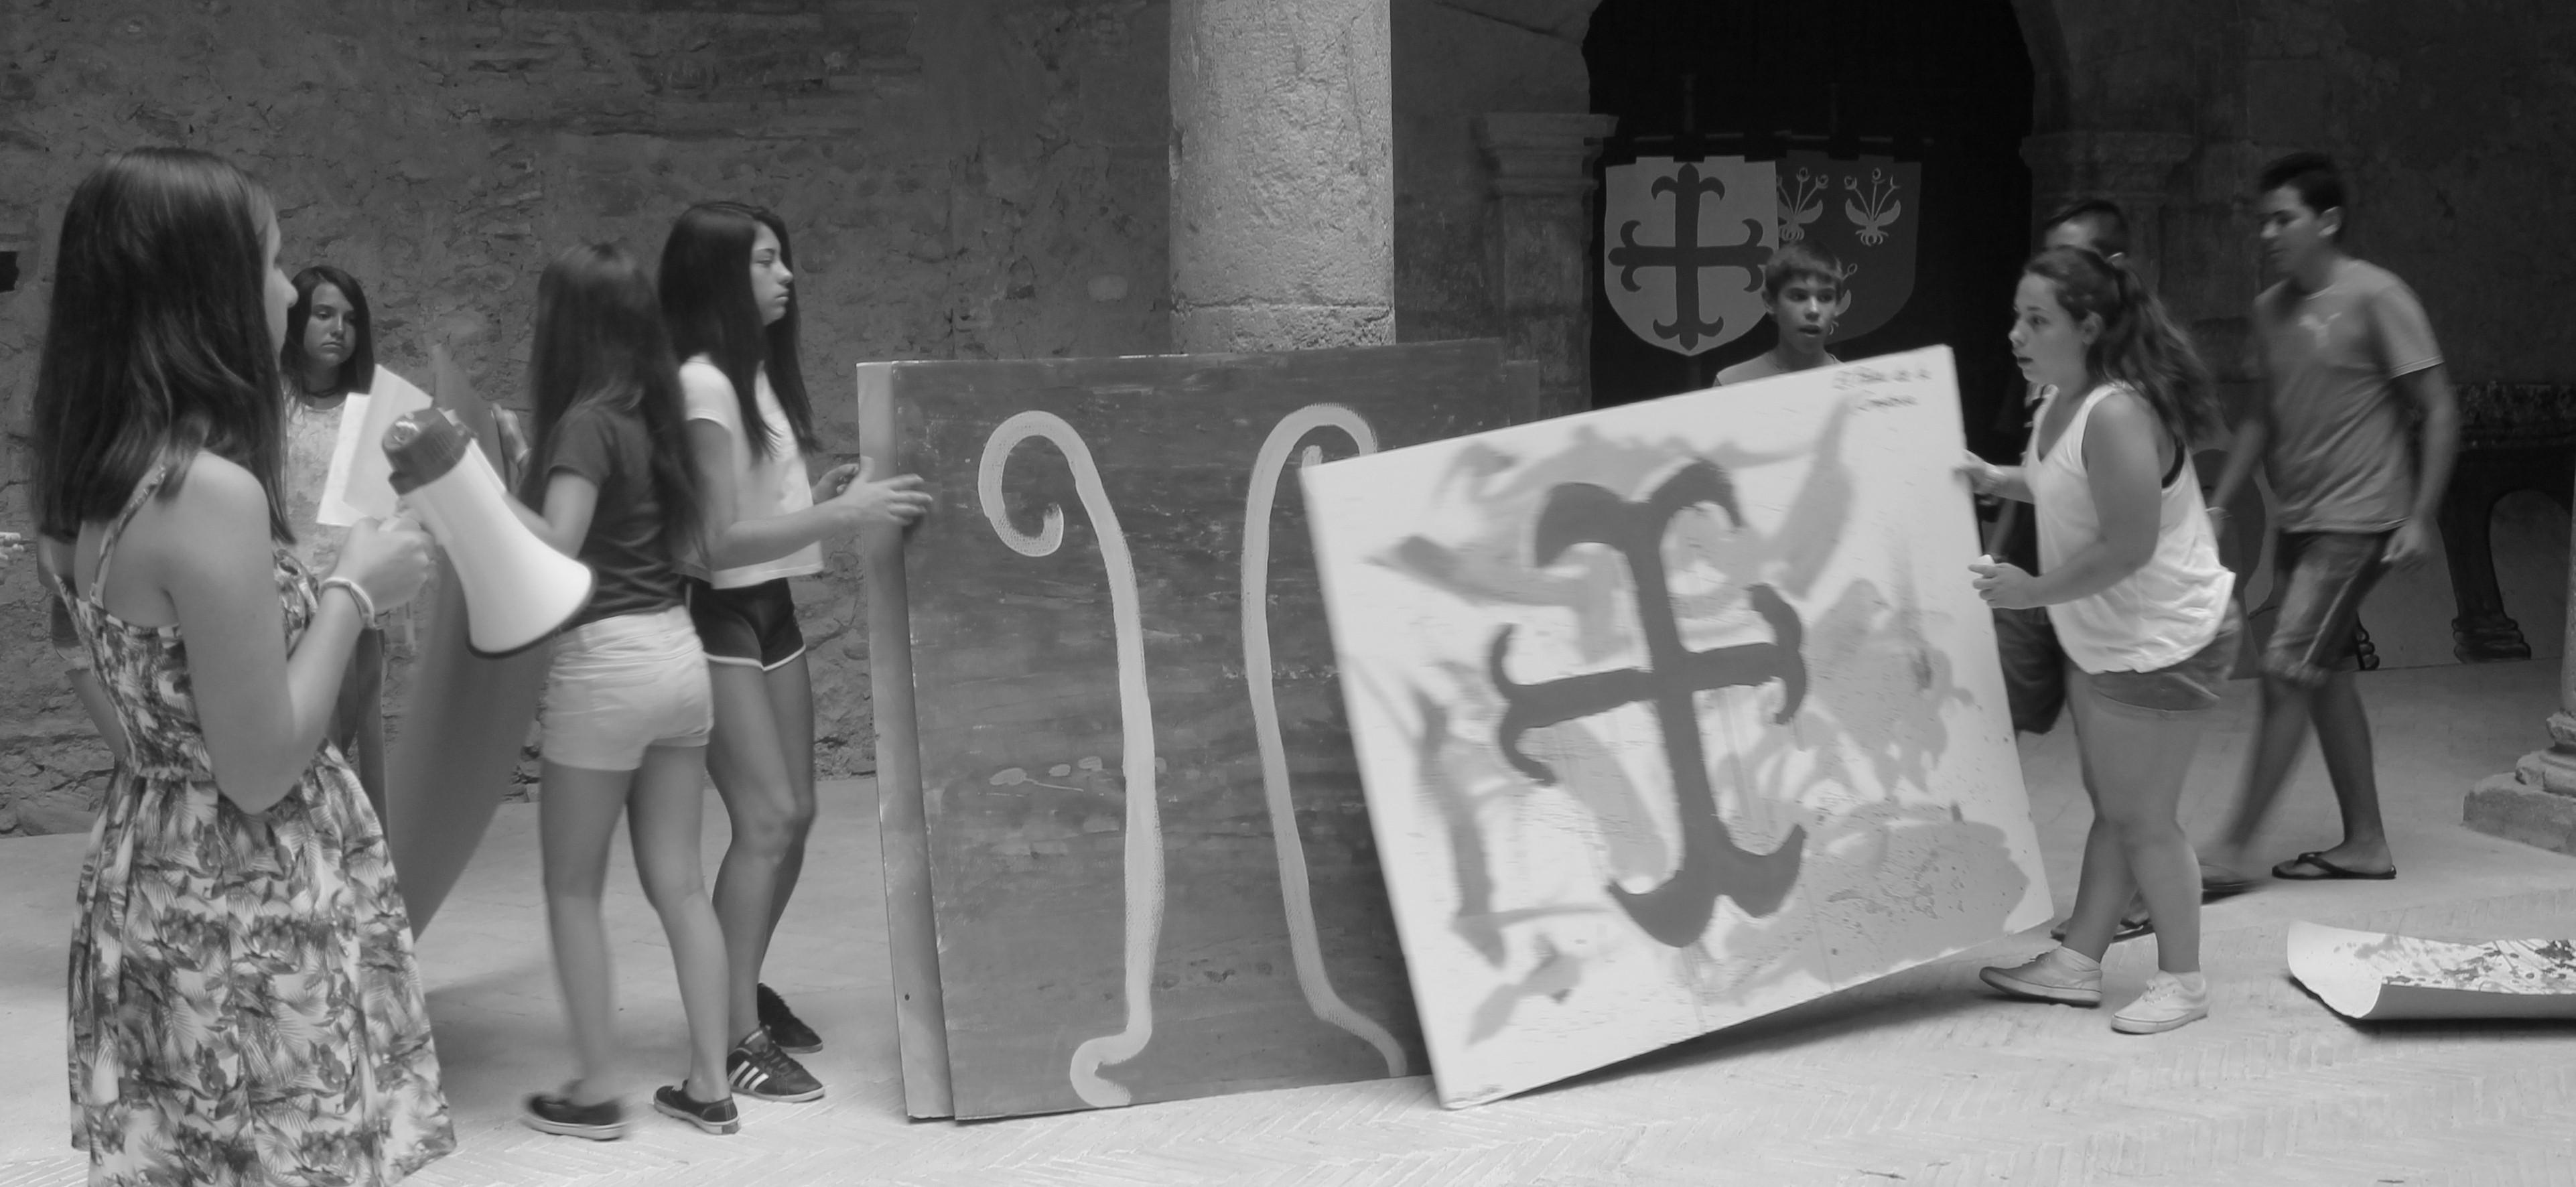 Els joves reivindiquen més protagonisme amb activitats, art i cultura a Betxí